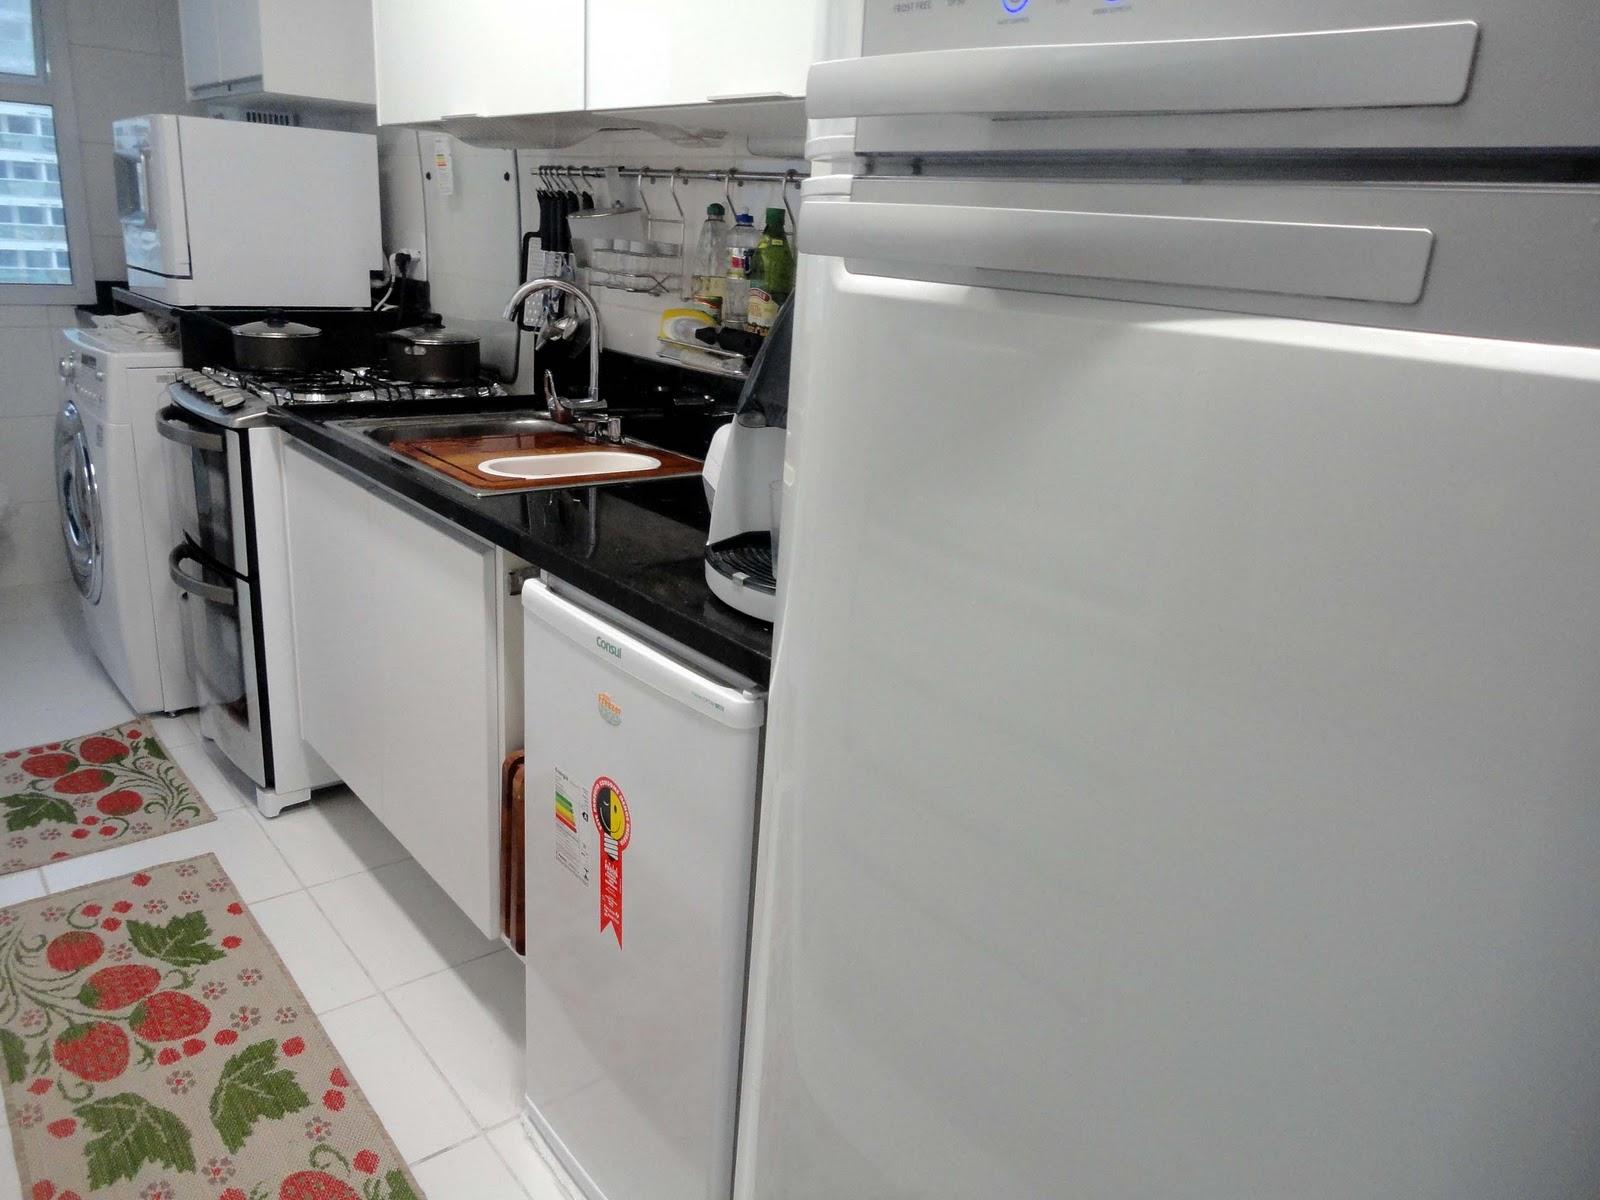 máquina de lavar louças sobre a bancada da máquina de lavar roupa #813E36 1600 1200